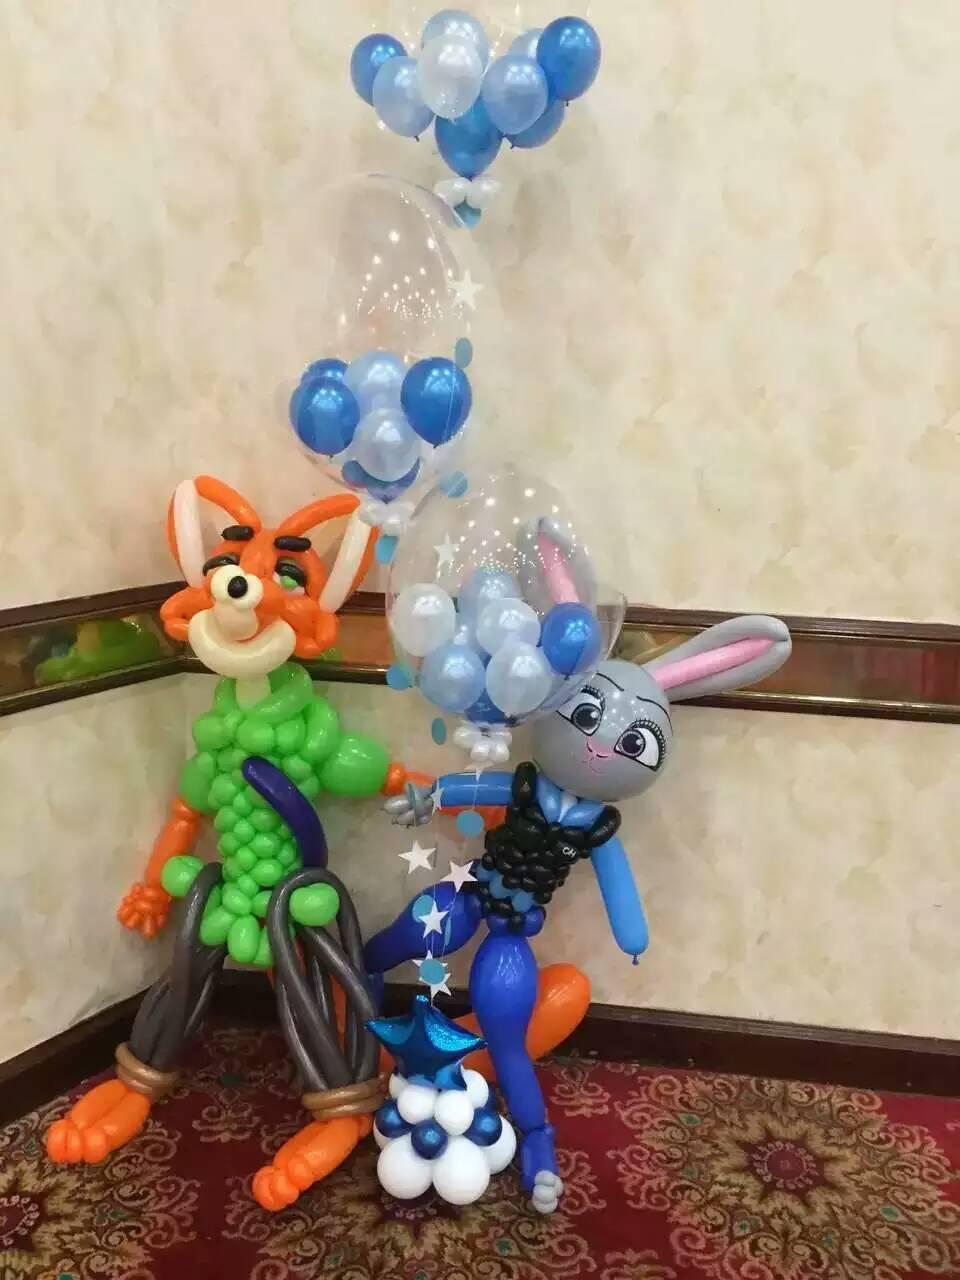 疯狂动物城主题,气球场地布置,常州生日派对,宝宝宴气球装饰 - [举报]